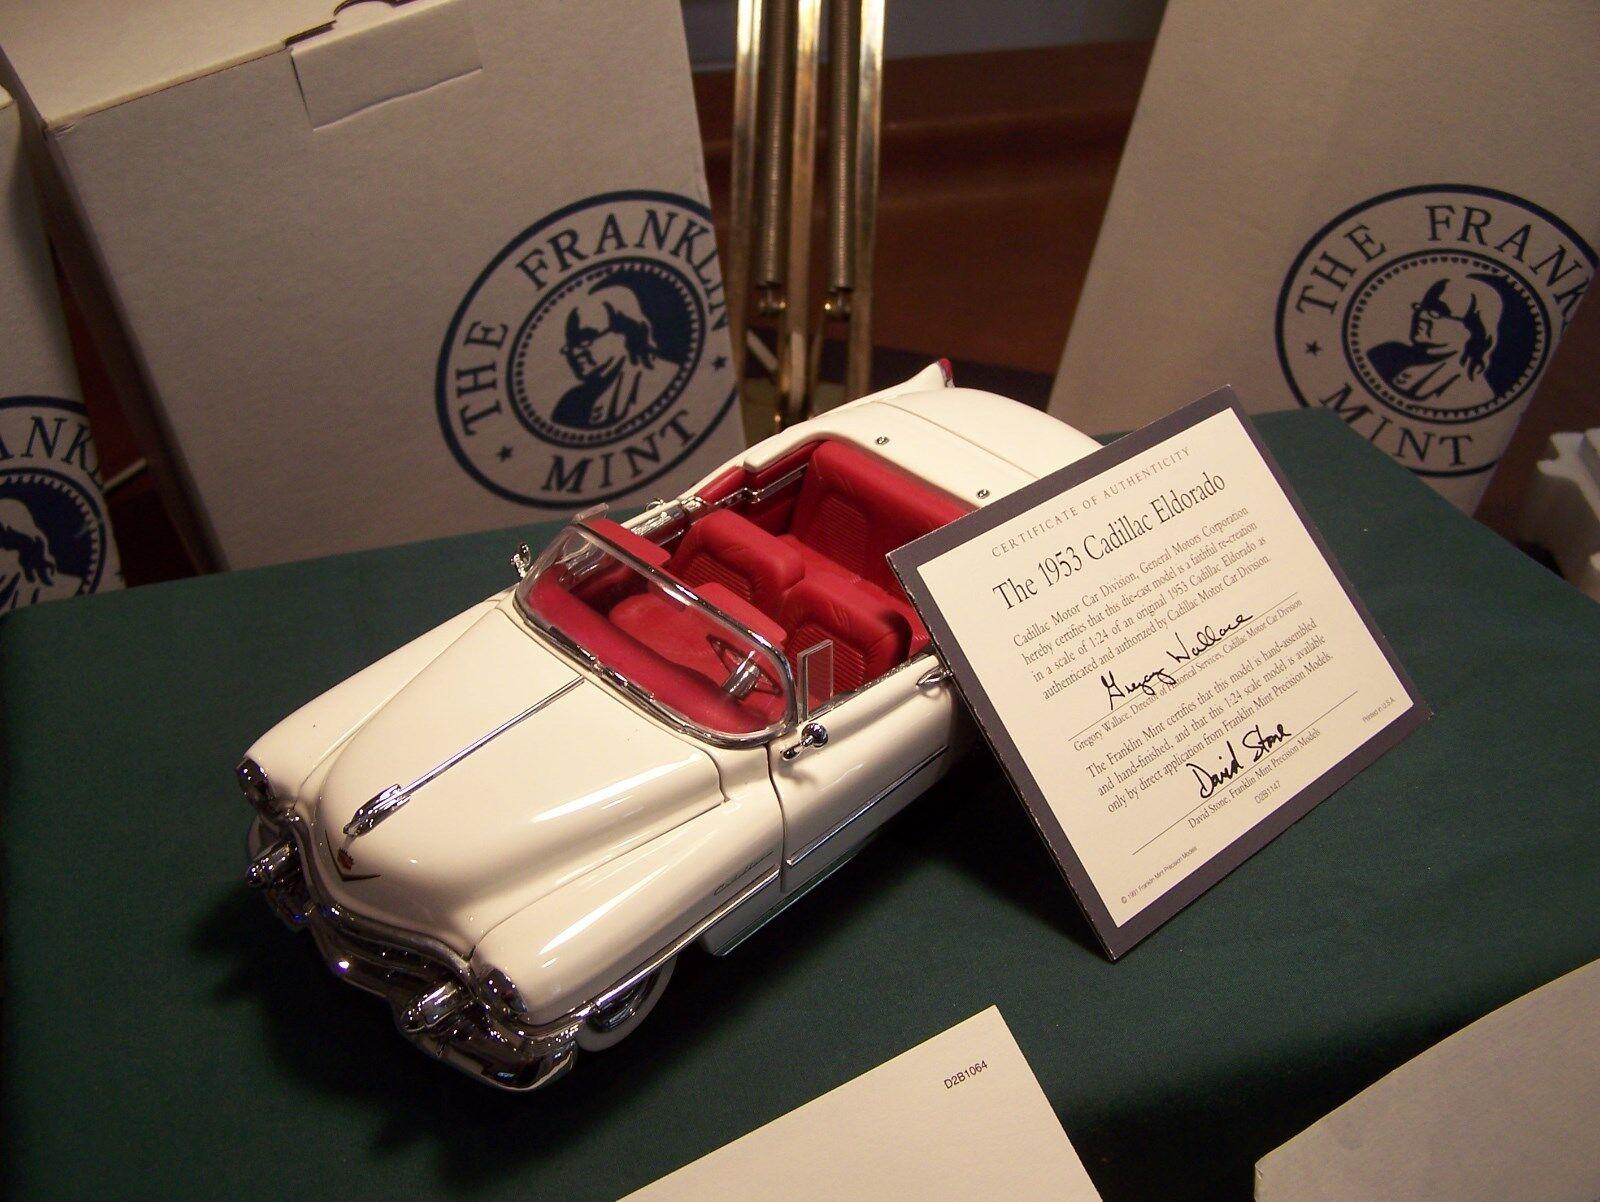 Franklin mint 1953 weißen cadillac eldorado cabrio mint in der box